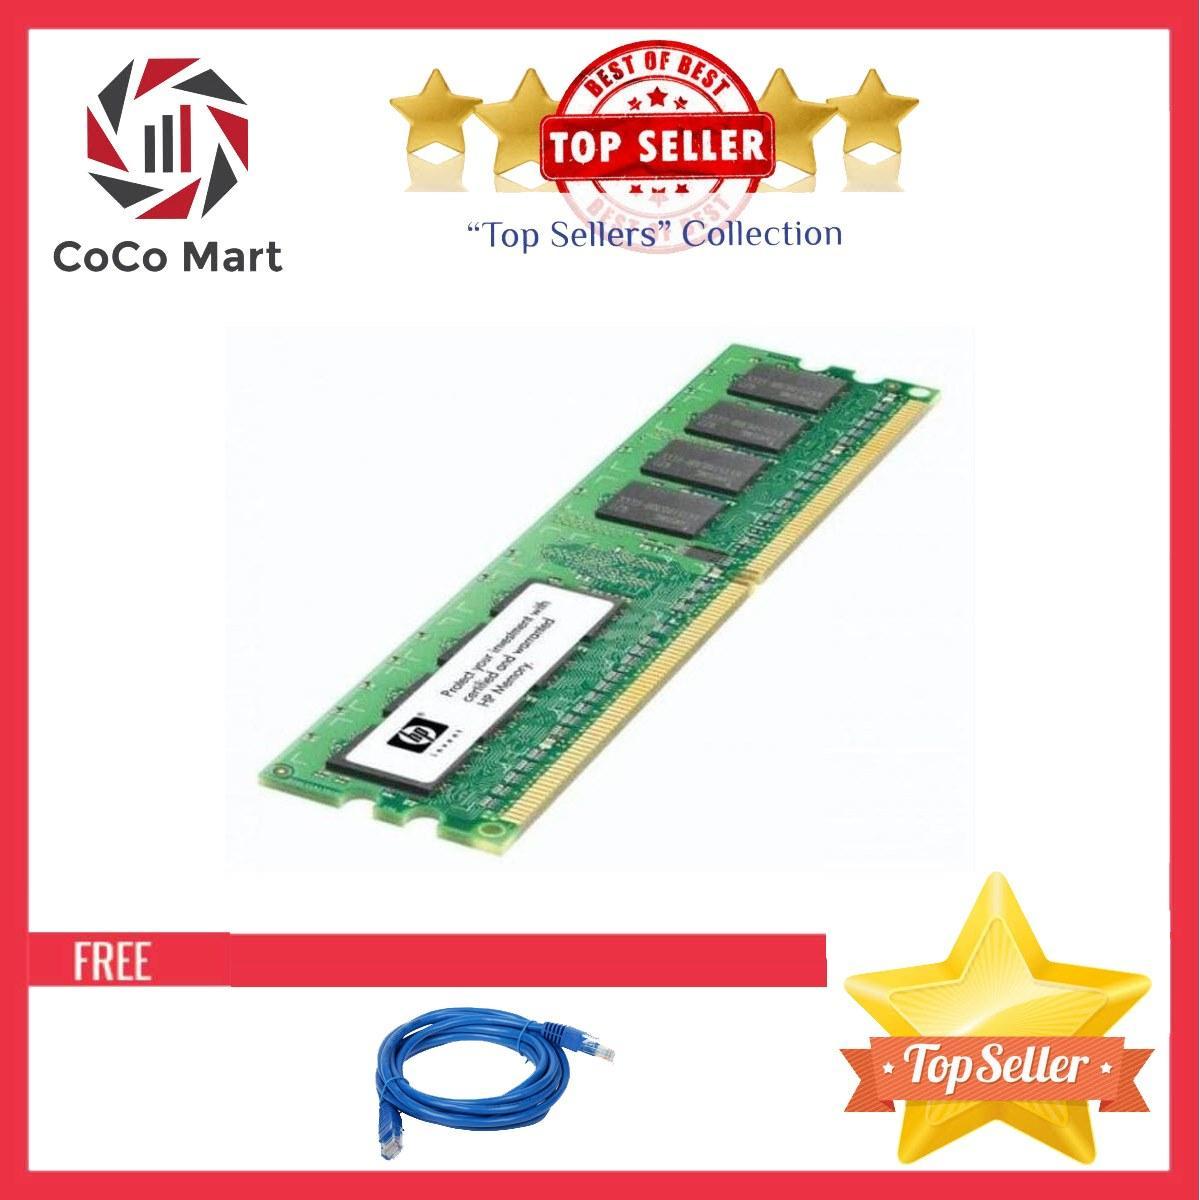 Ram Dành Cho PC HP 2GB, DDR 2, Bus 800Mhz Tản Nhiệt Tốt